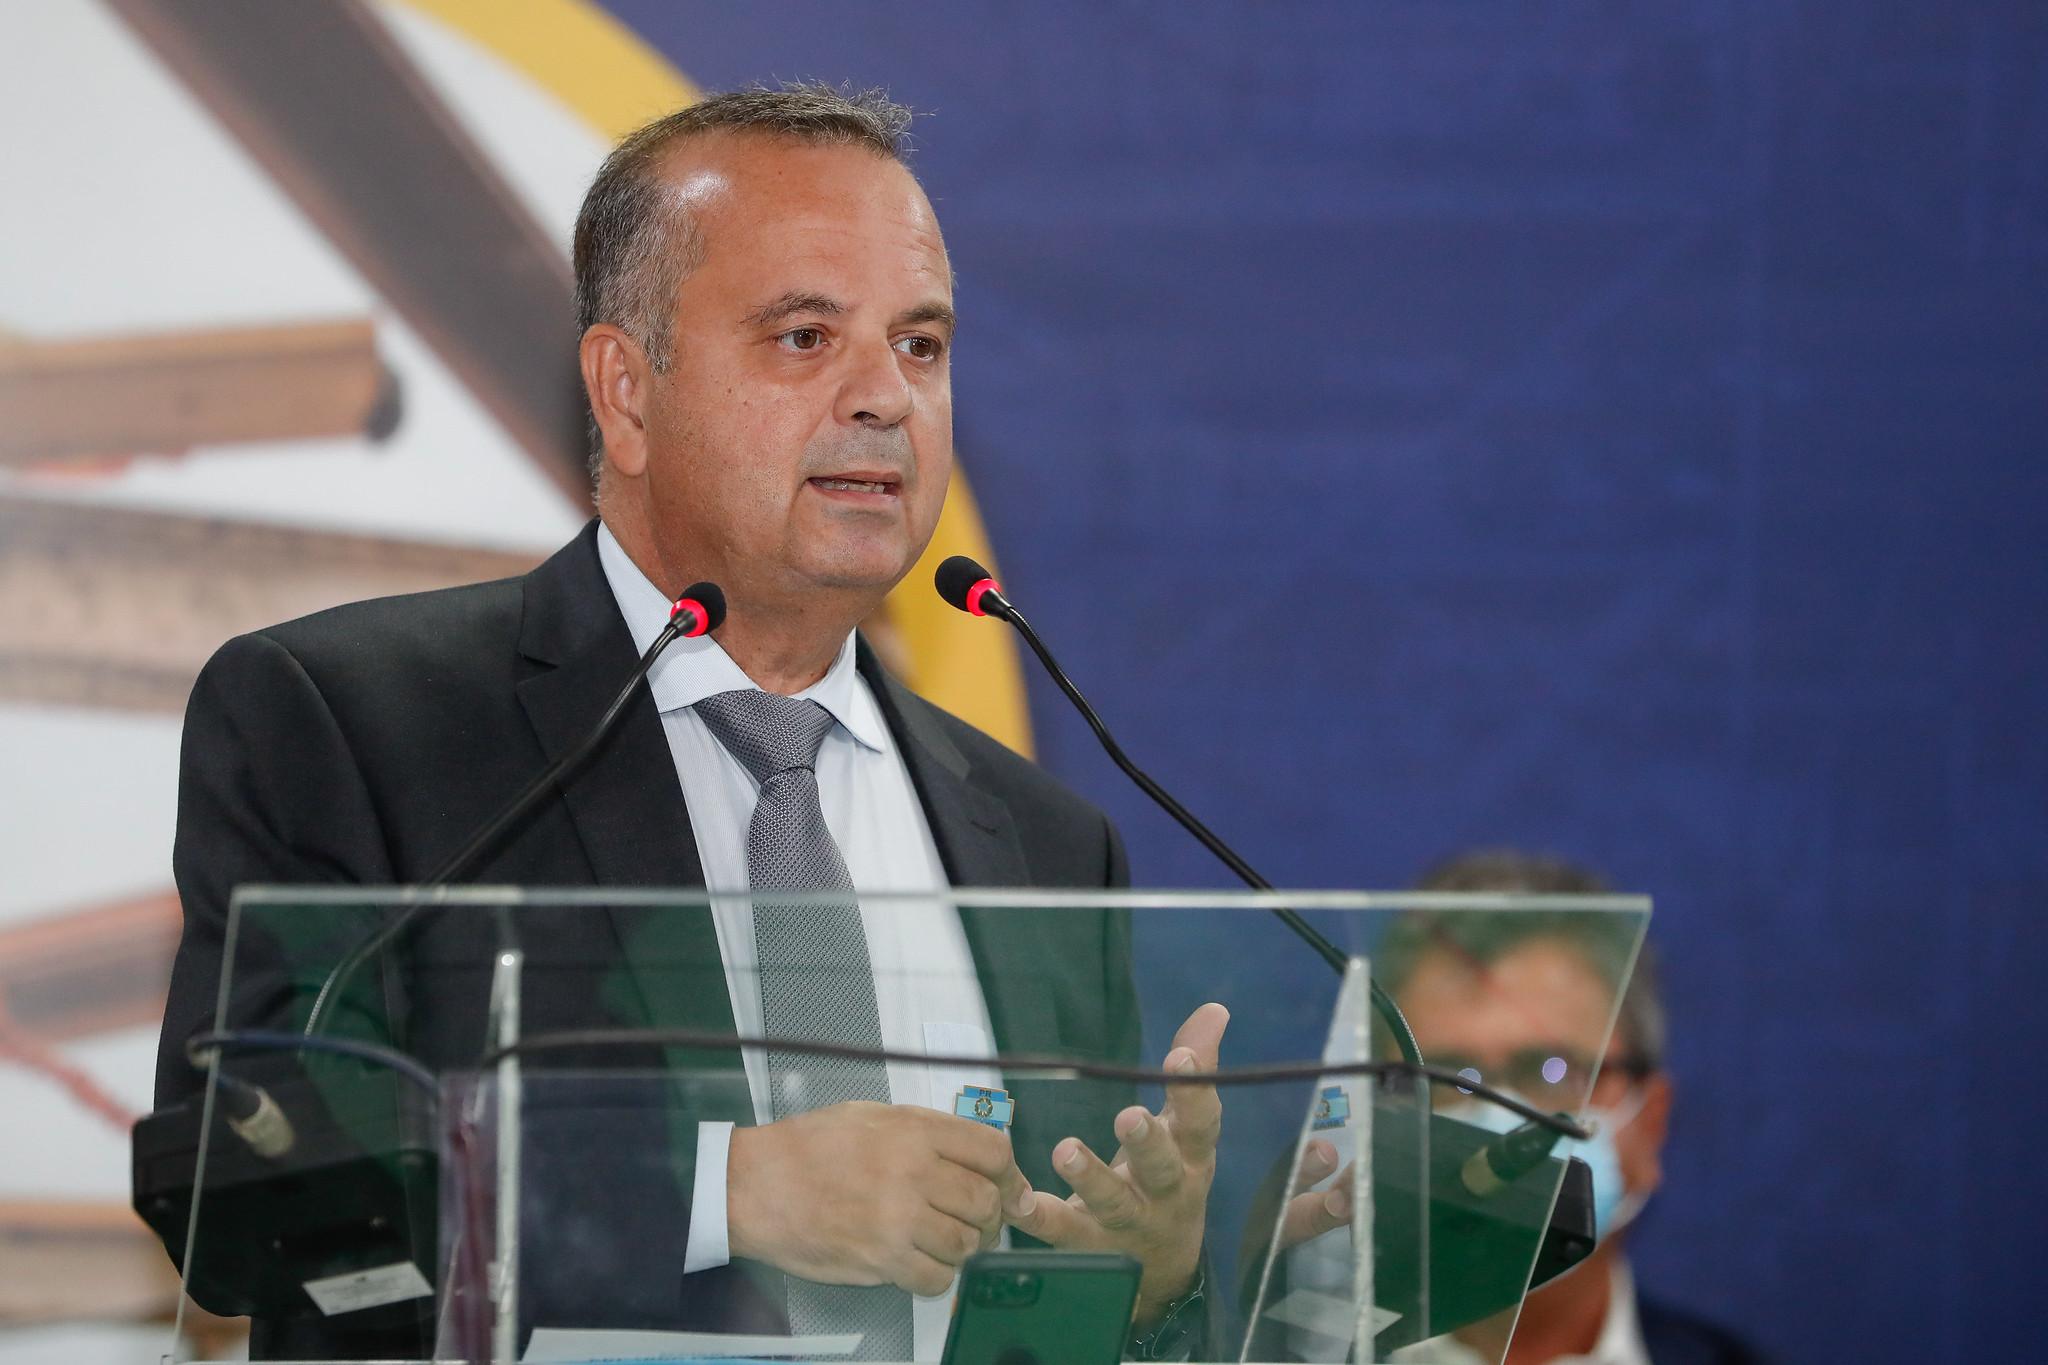 IMAGEM: Câmara aprova convite a Rogério Marinho para explicar orçamento paralelo